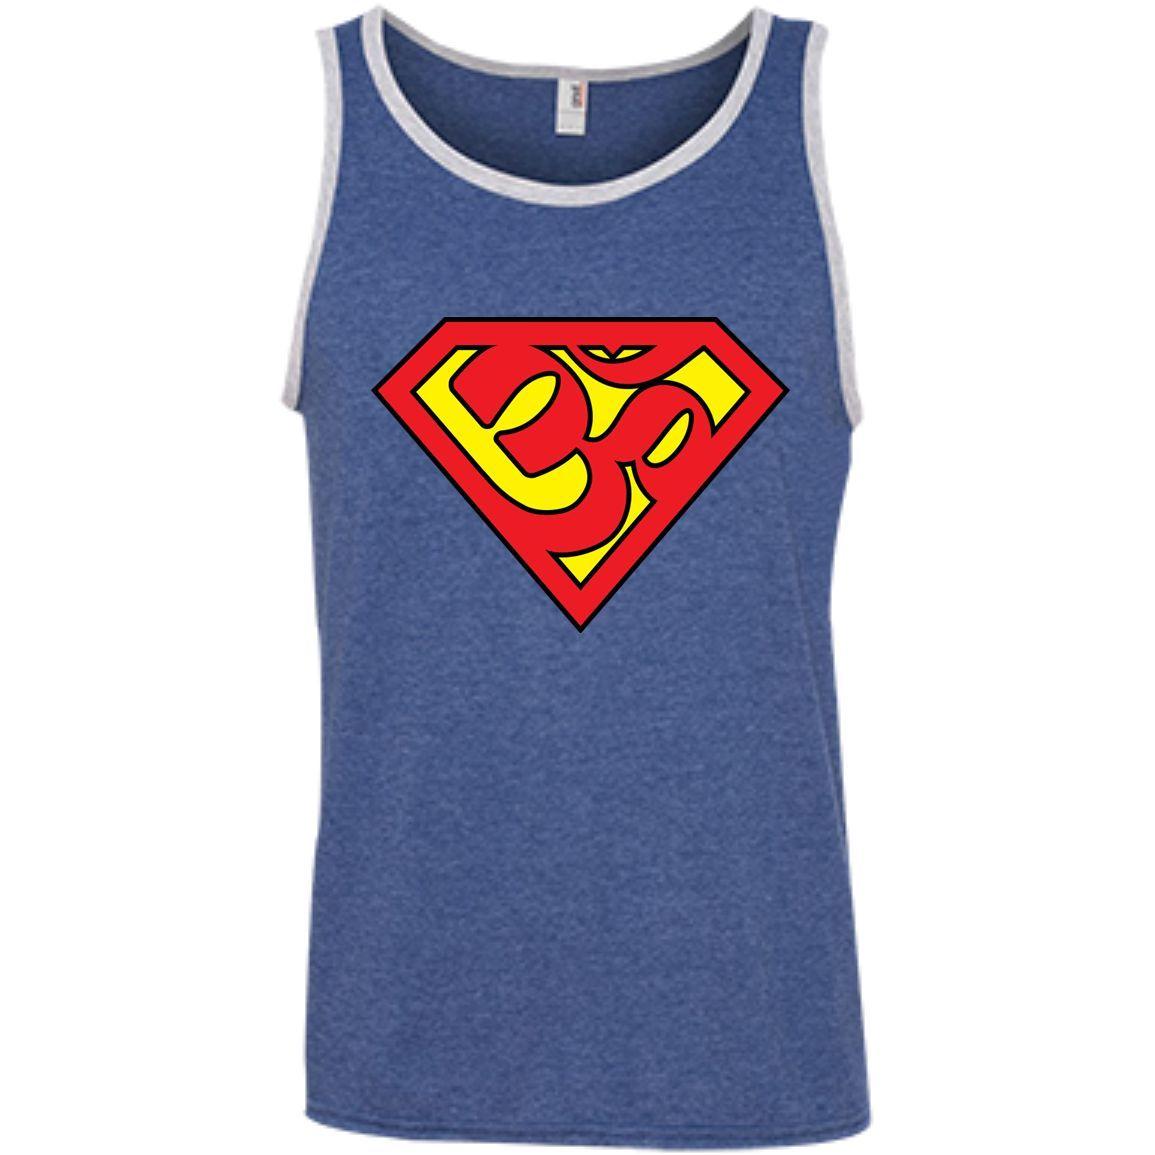 Men's Super OM Tank Top